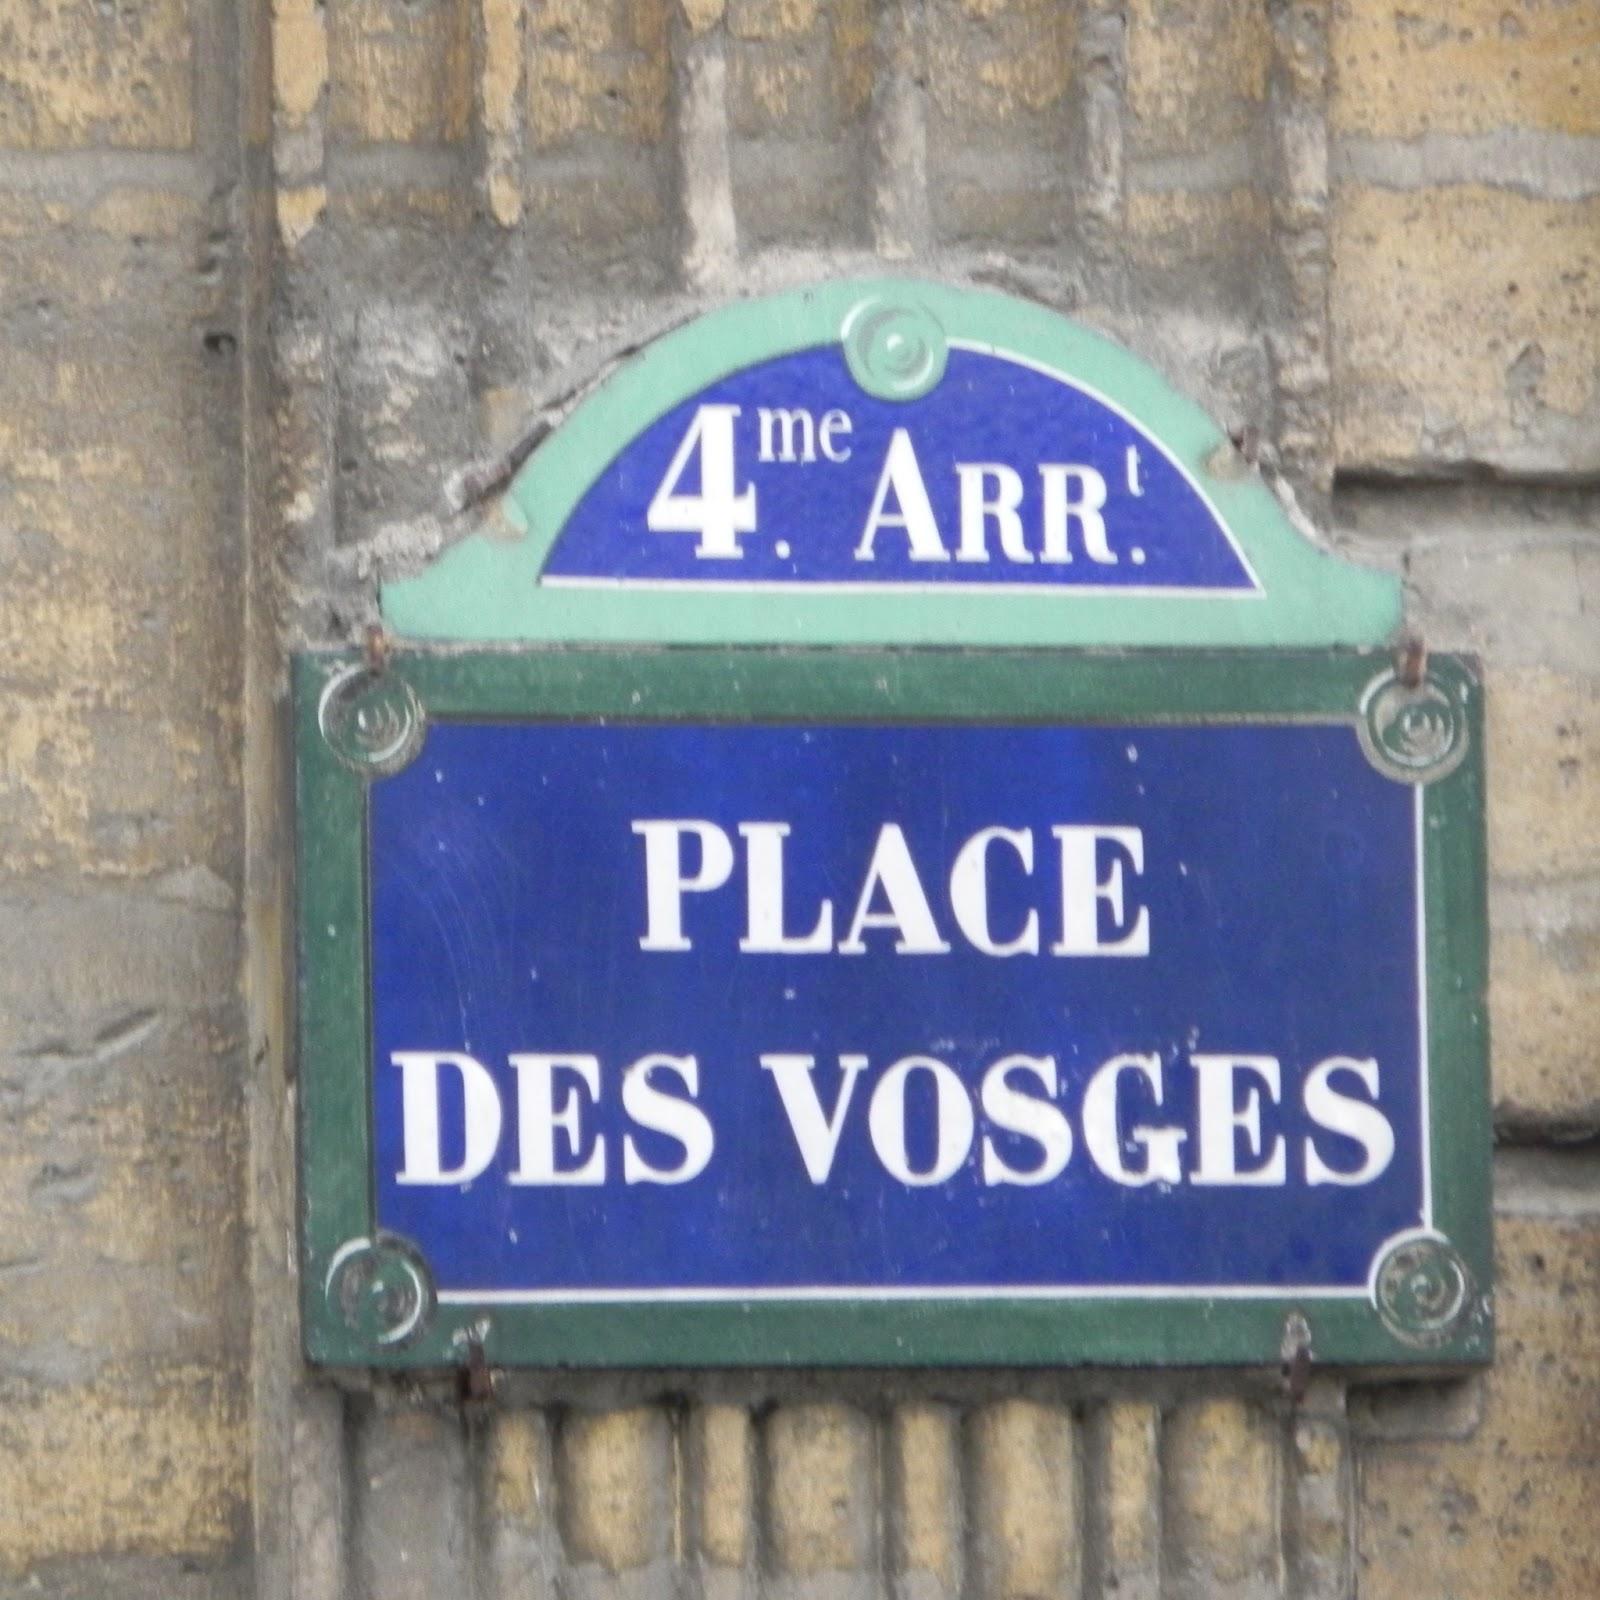 histoire place des vosges paris